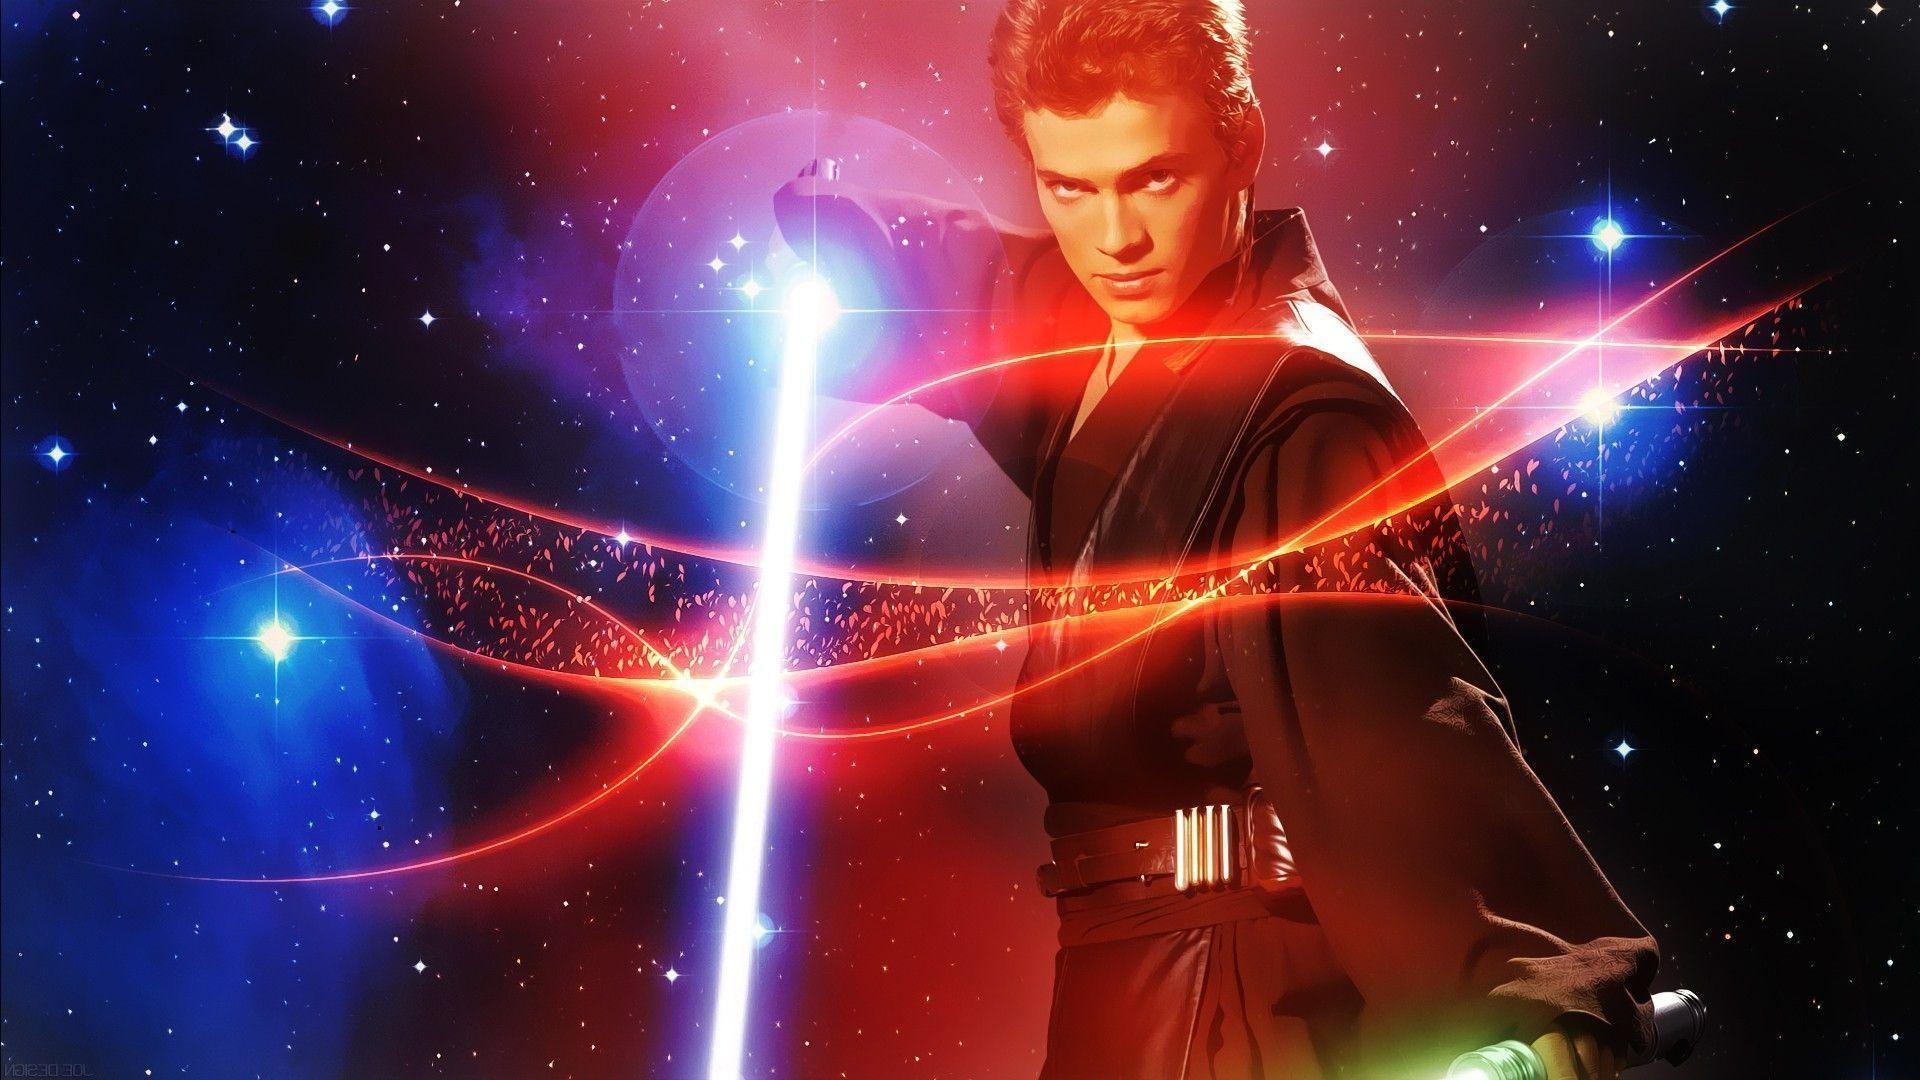 Anakin Skywalker Wallpaper 73 Pictures